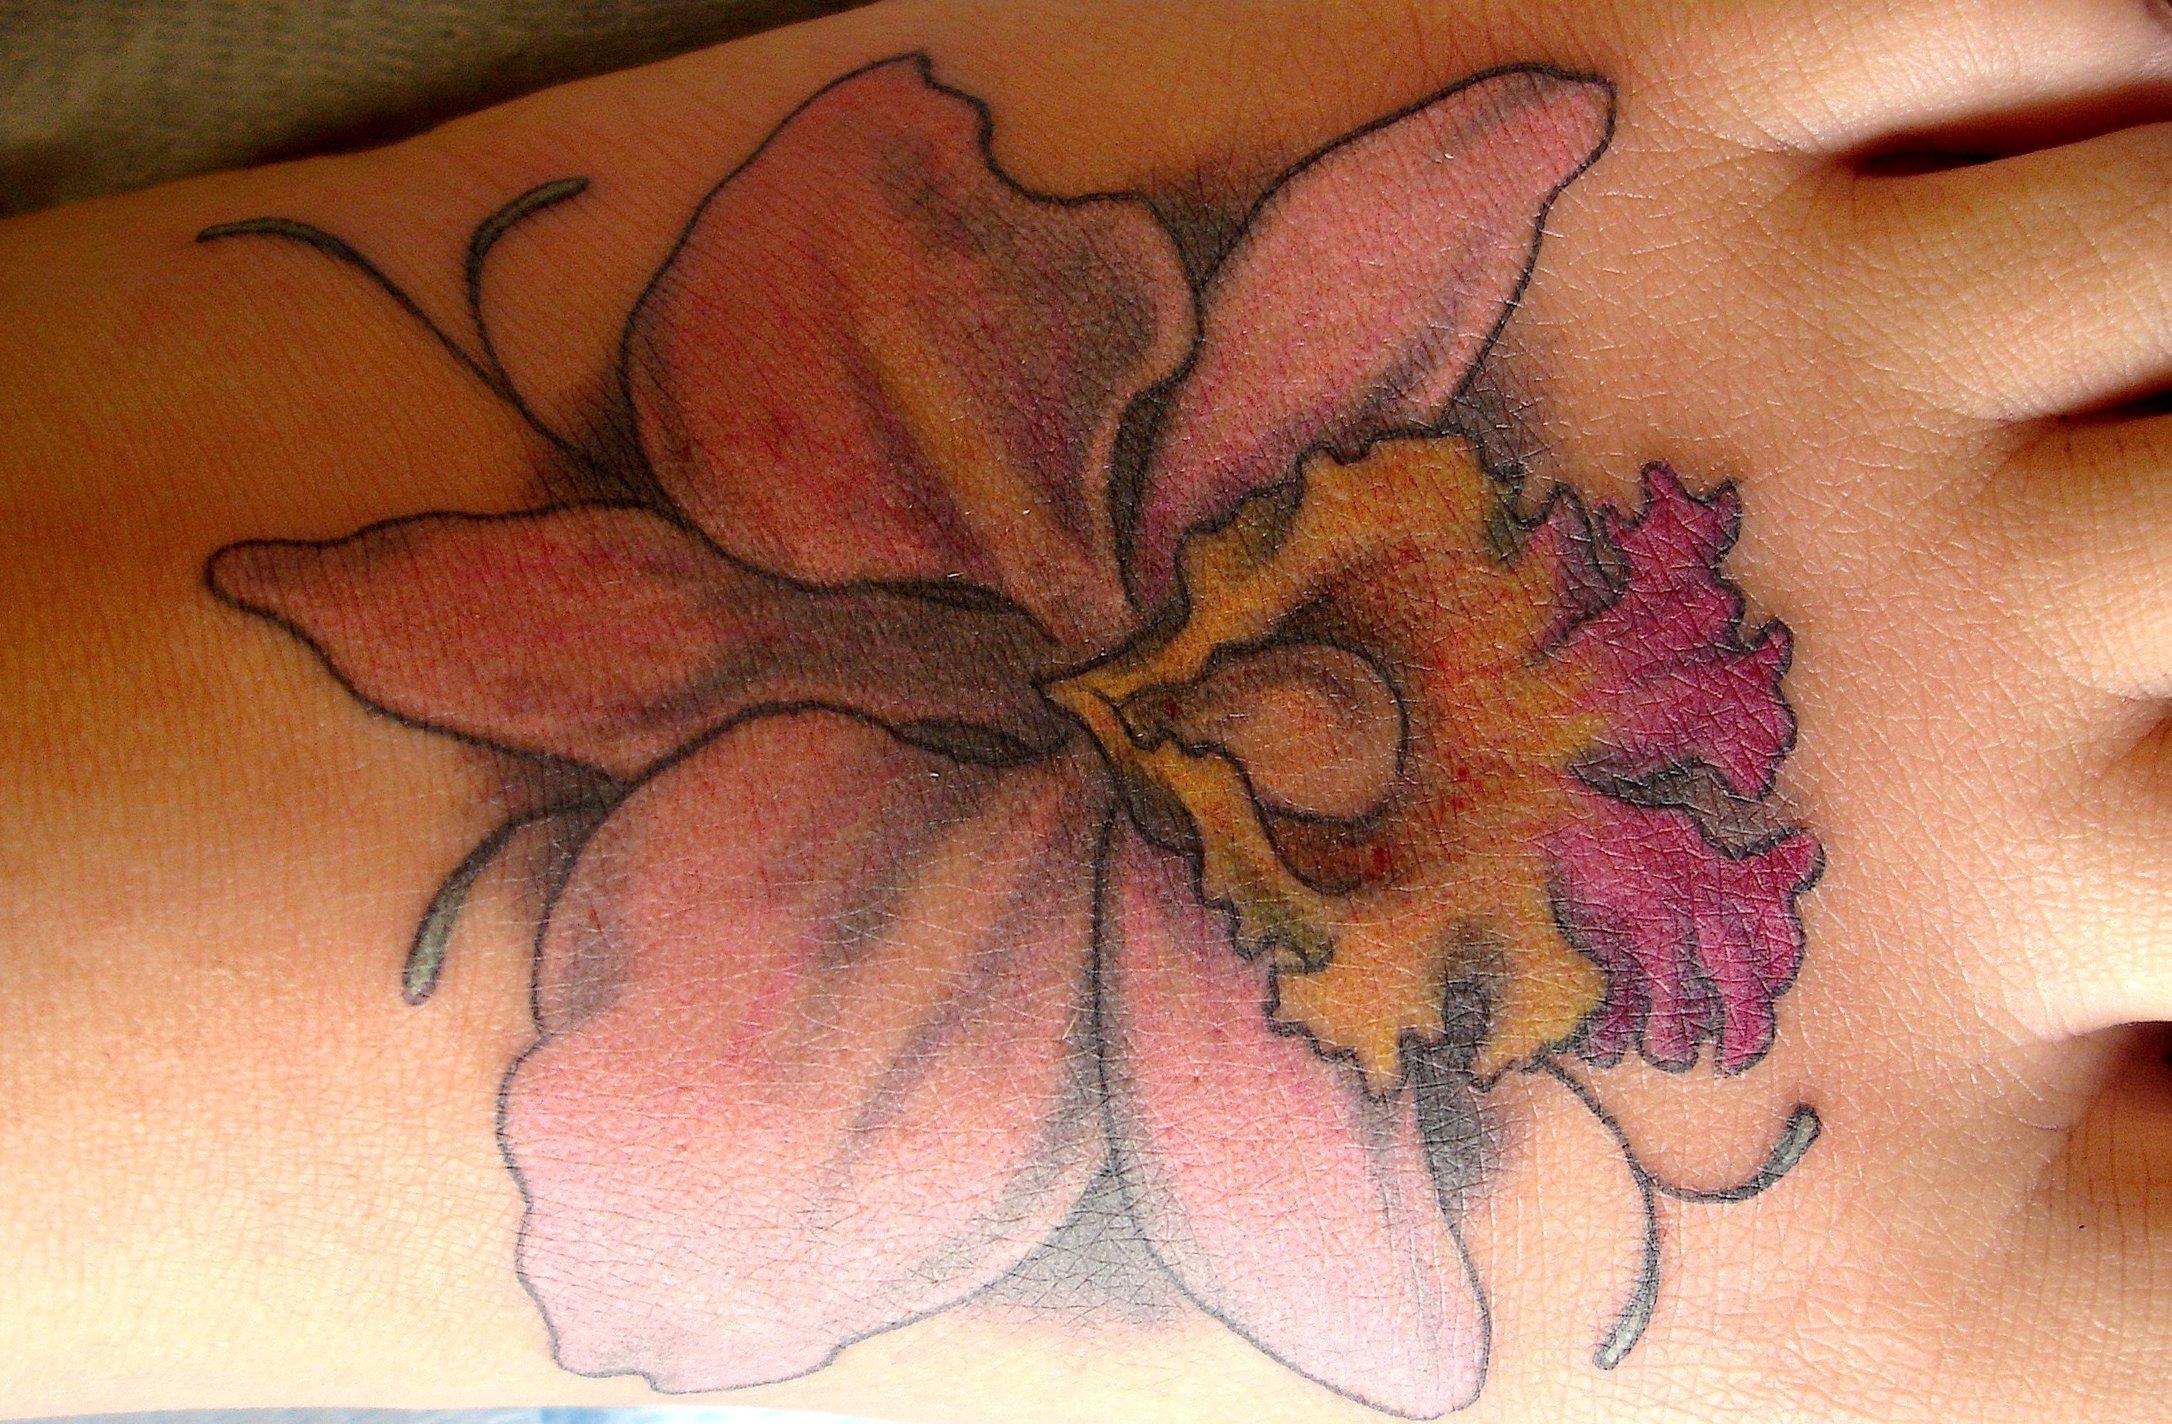 Hawaii Blumen Tattoos – Designs und deren Bedeutung alletattoo.de 20